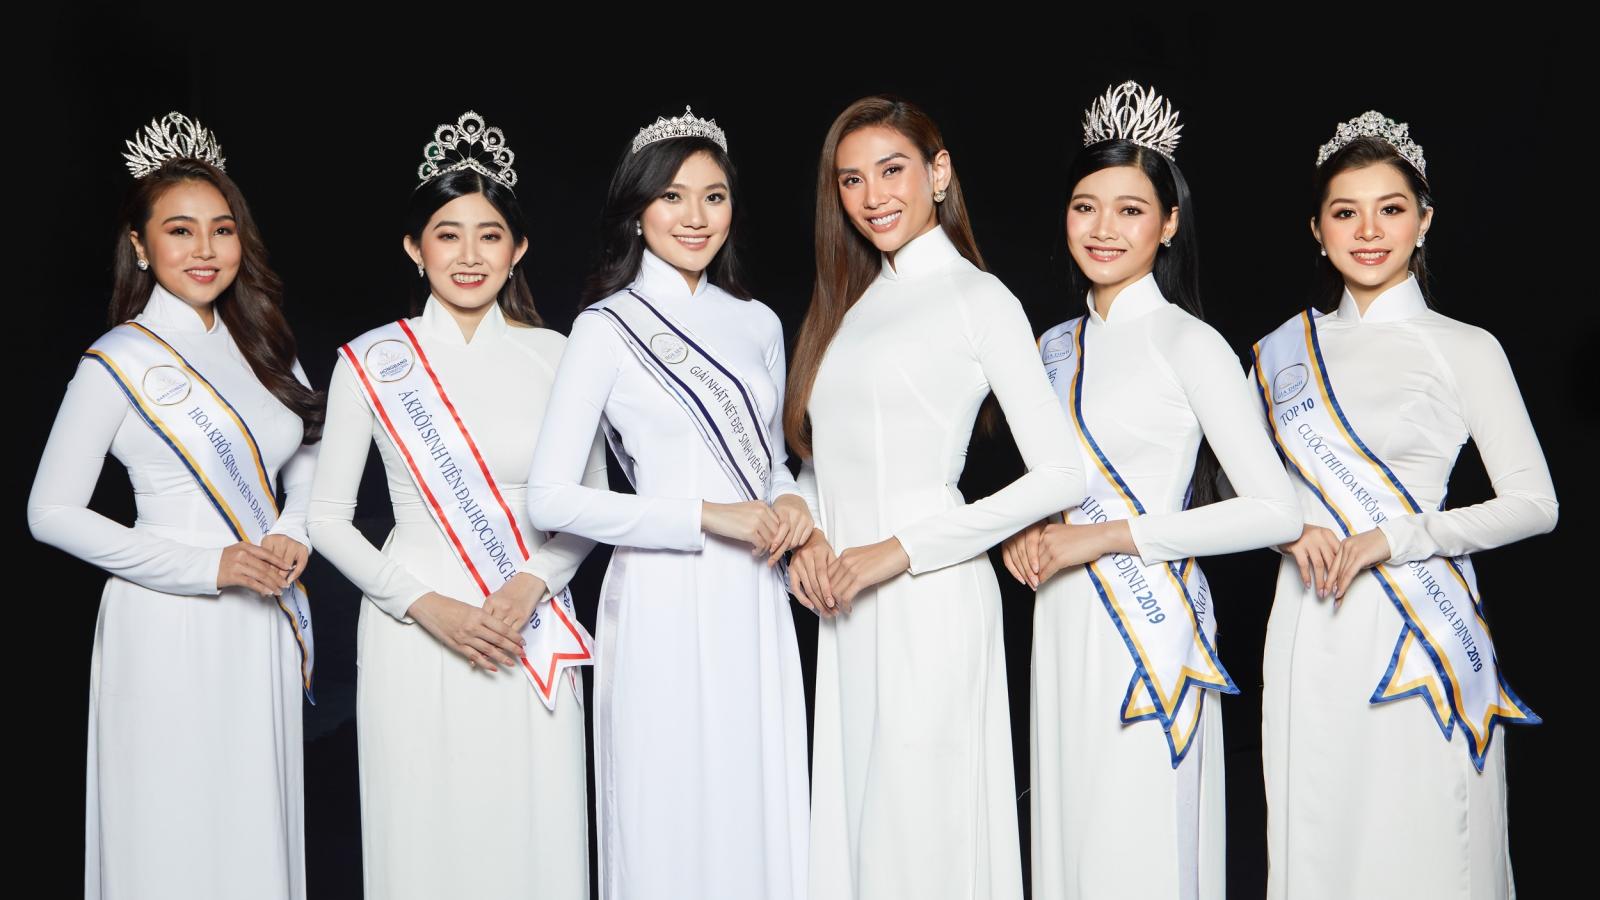 Siêu mẫu Võ Hoàng Yến mặc áo dài trắng thướt tha như nữ sinh trong bộ ảnh mới